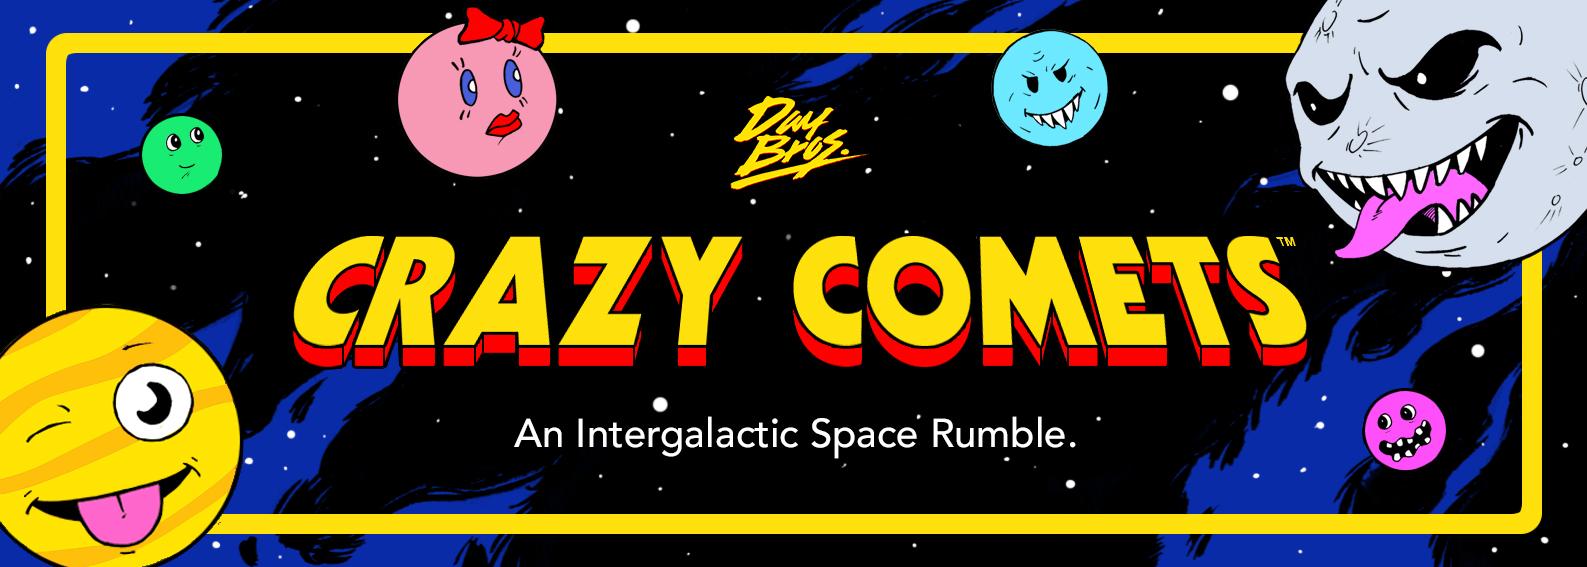 Crazy_Comets_logo